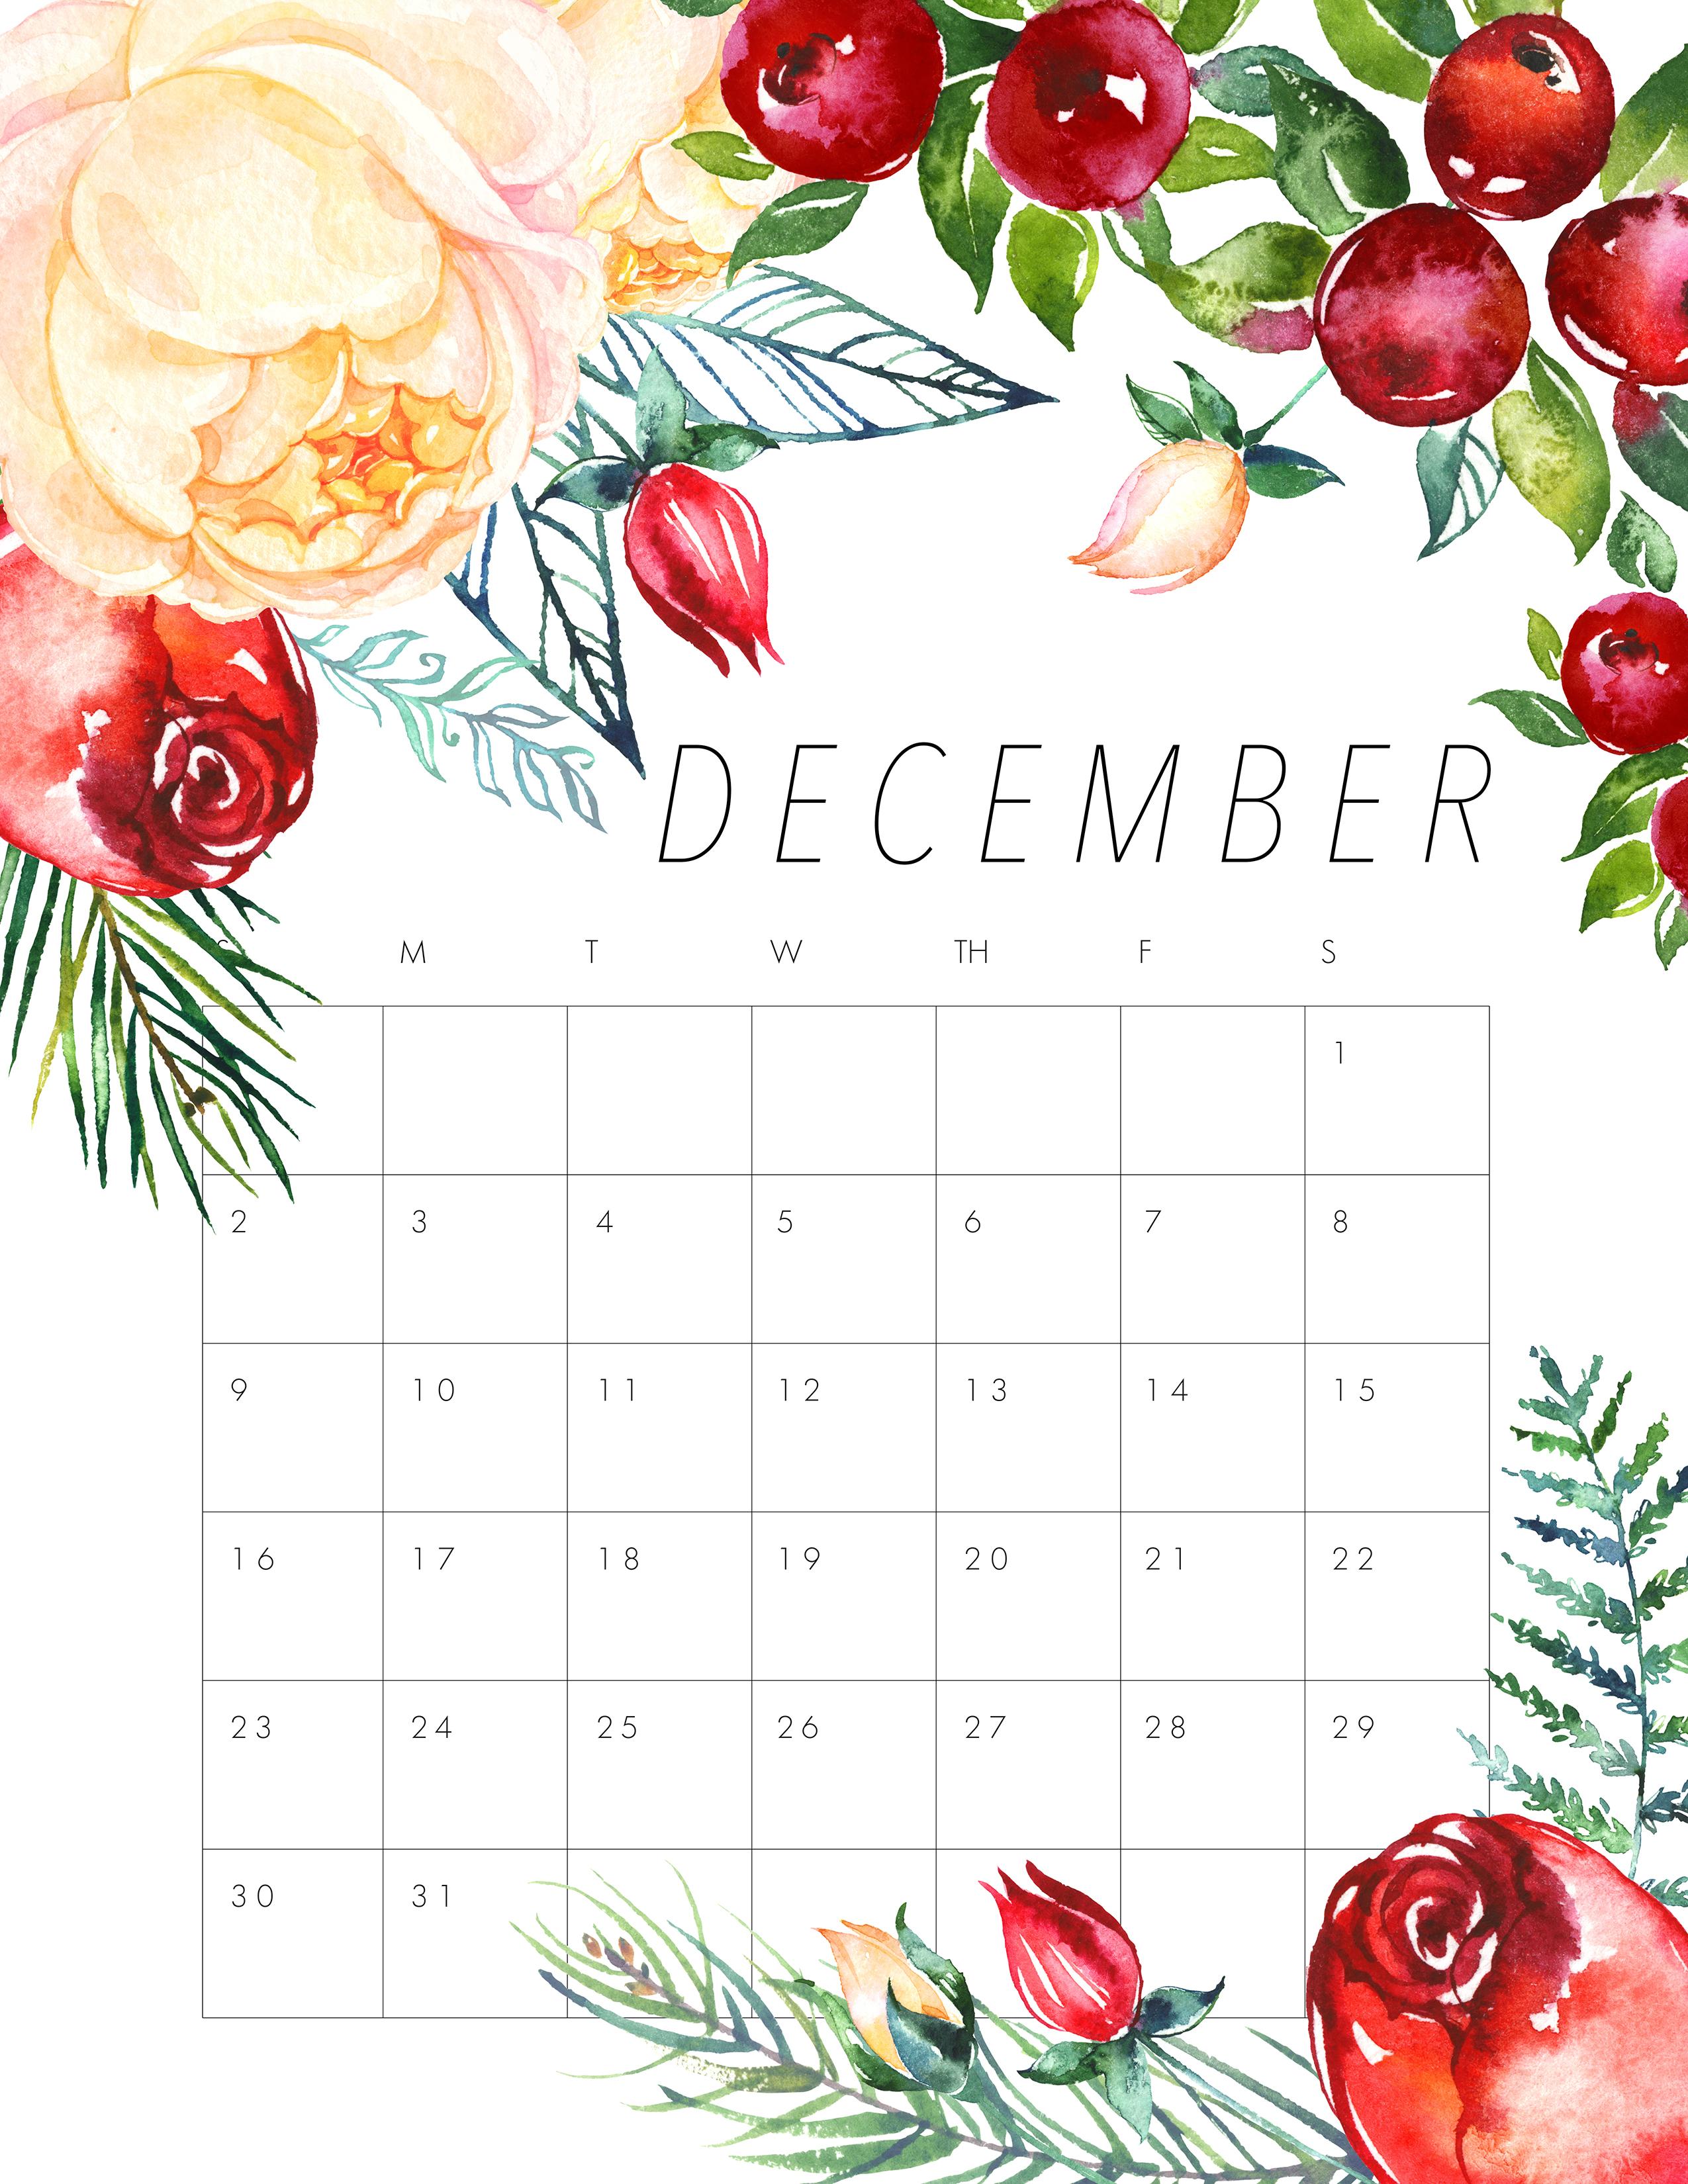 Free Printable 2018 Floral Calendar  The Cottage Market for November Decorated Calendar